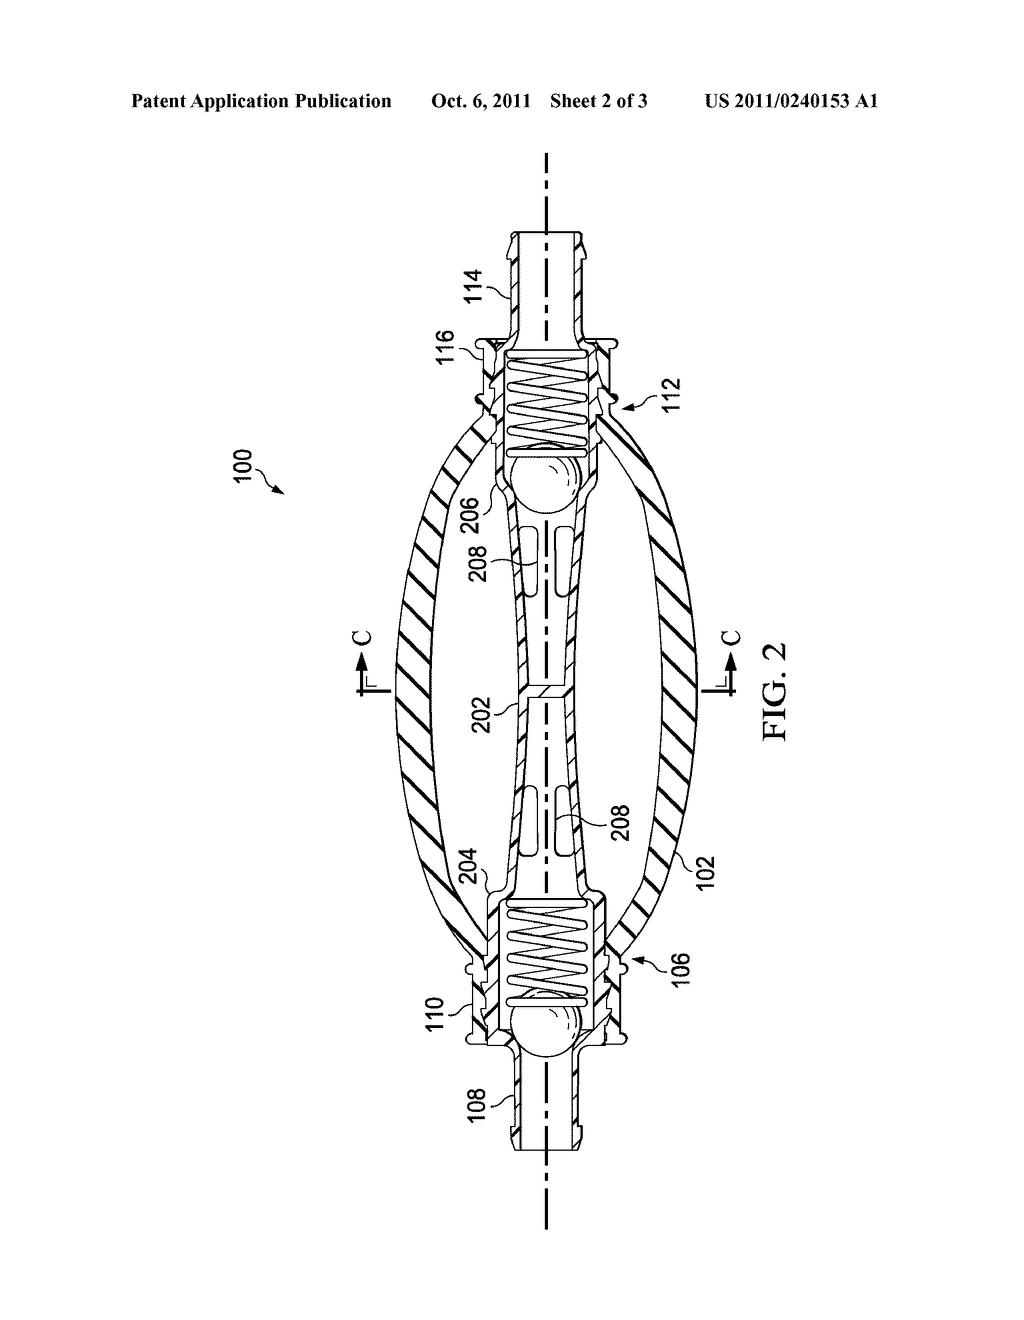 Poulan Chainsaw Primer Bulb Diagram